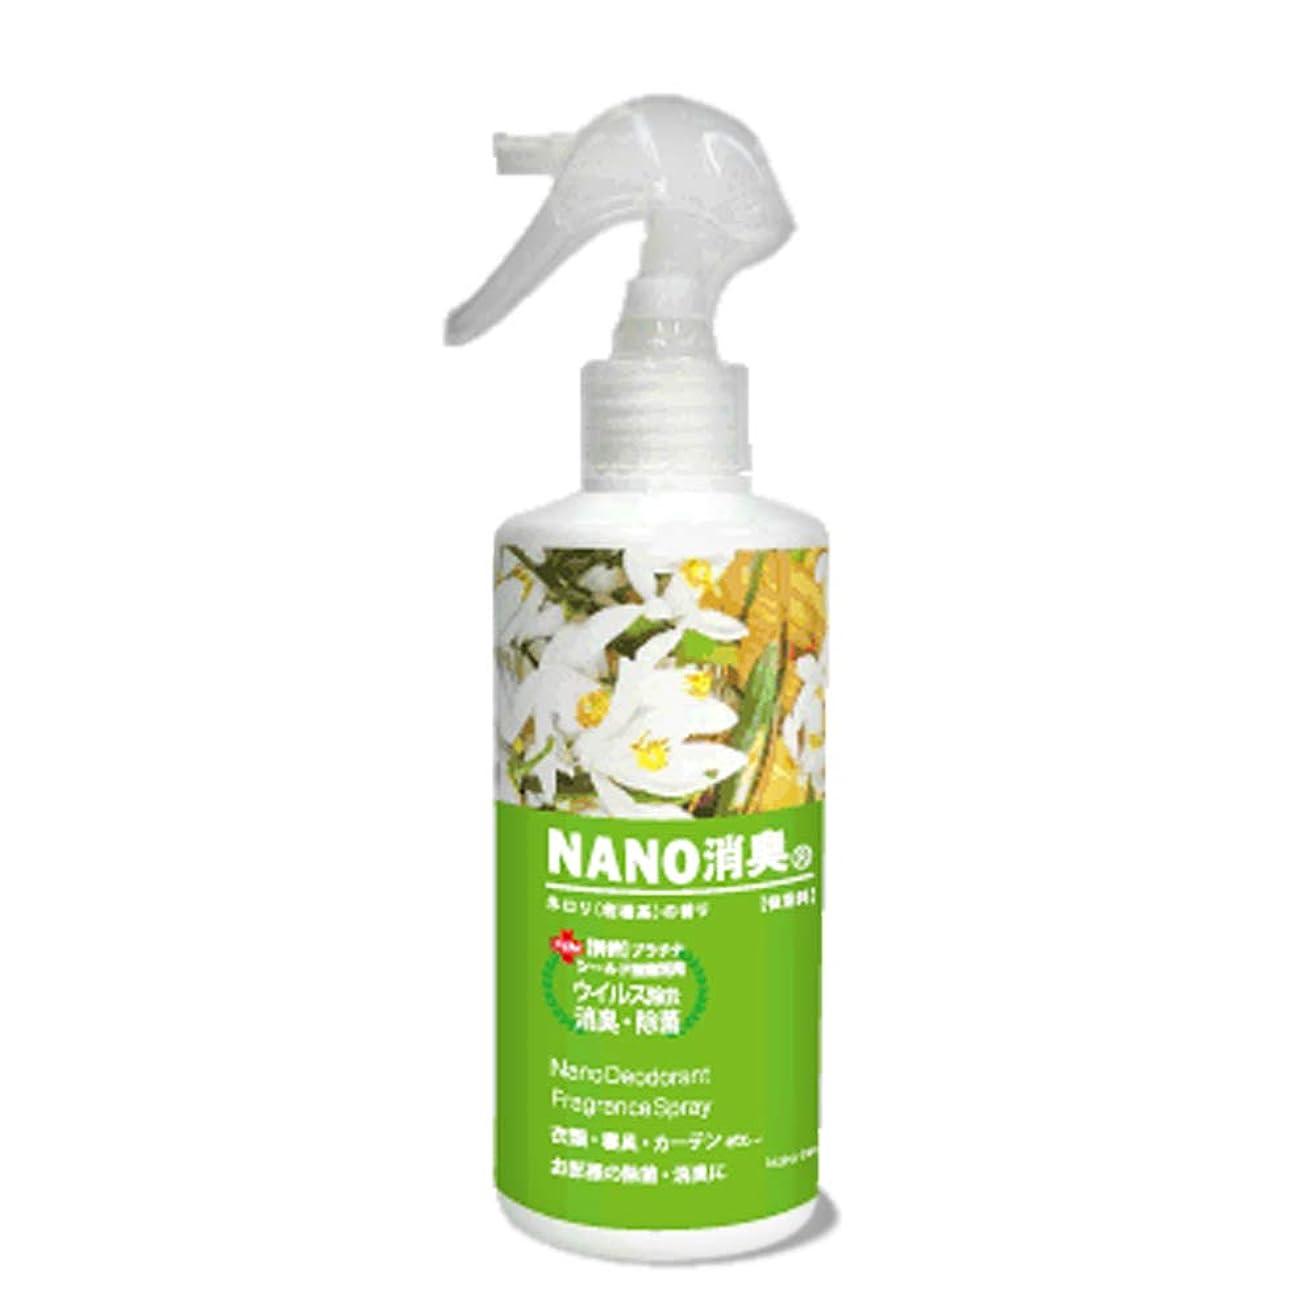 絶滅した政府遠征NANO消臭 スプレー マスク スプレー トイレ 消臭剤 芳香剤 (ネロリ)